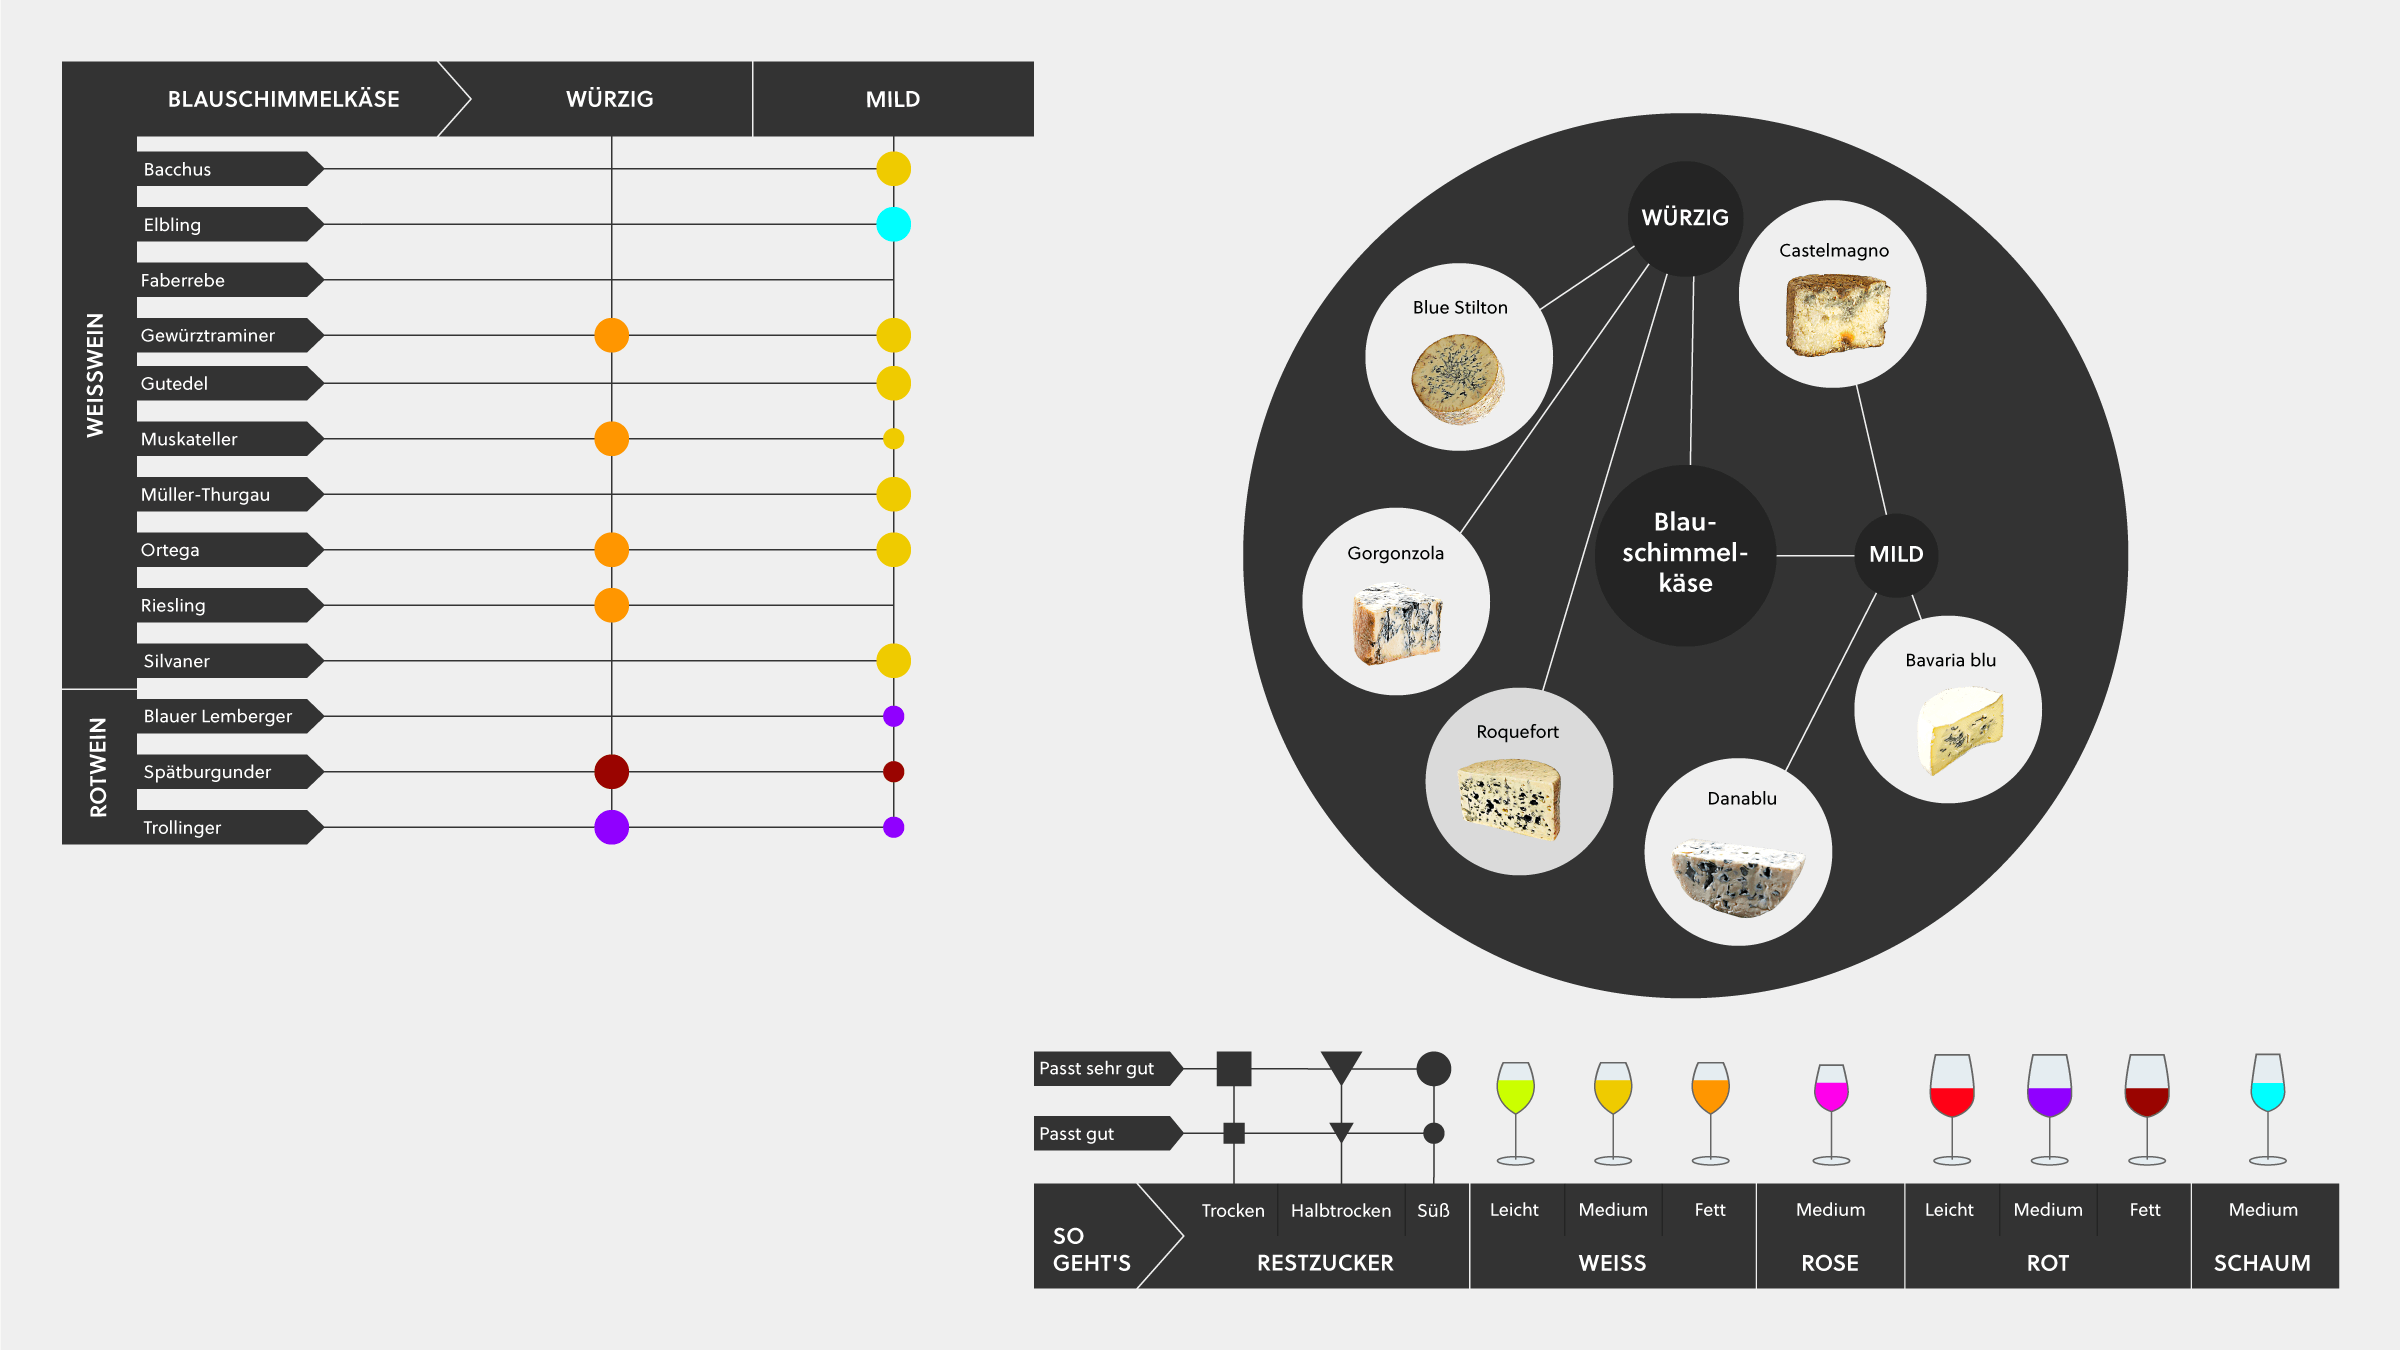 Wein und Käse Infografik mit Tipps, deutschen Wein mit verschiedenen Blauschimmelkäsen zu kombinieren.